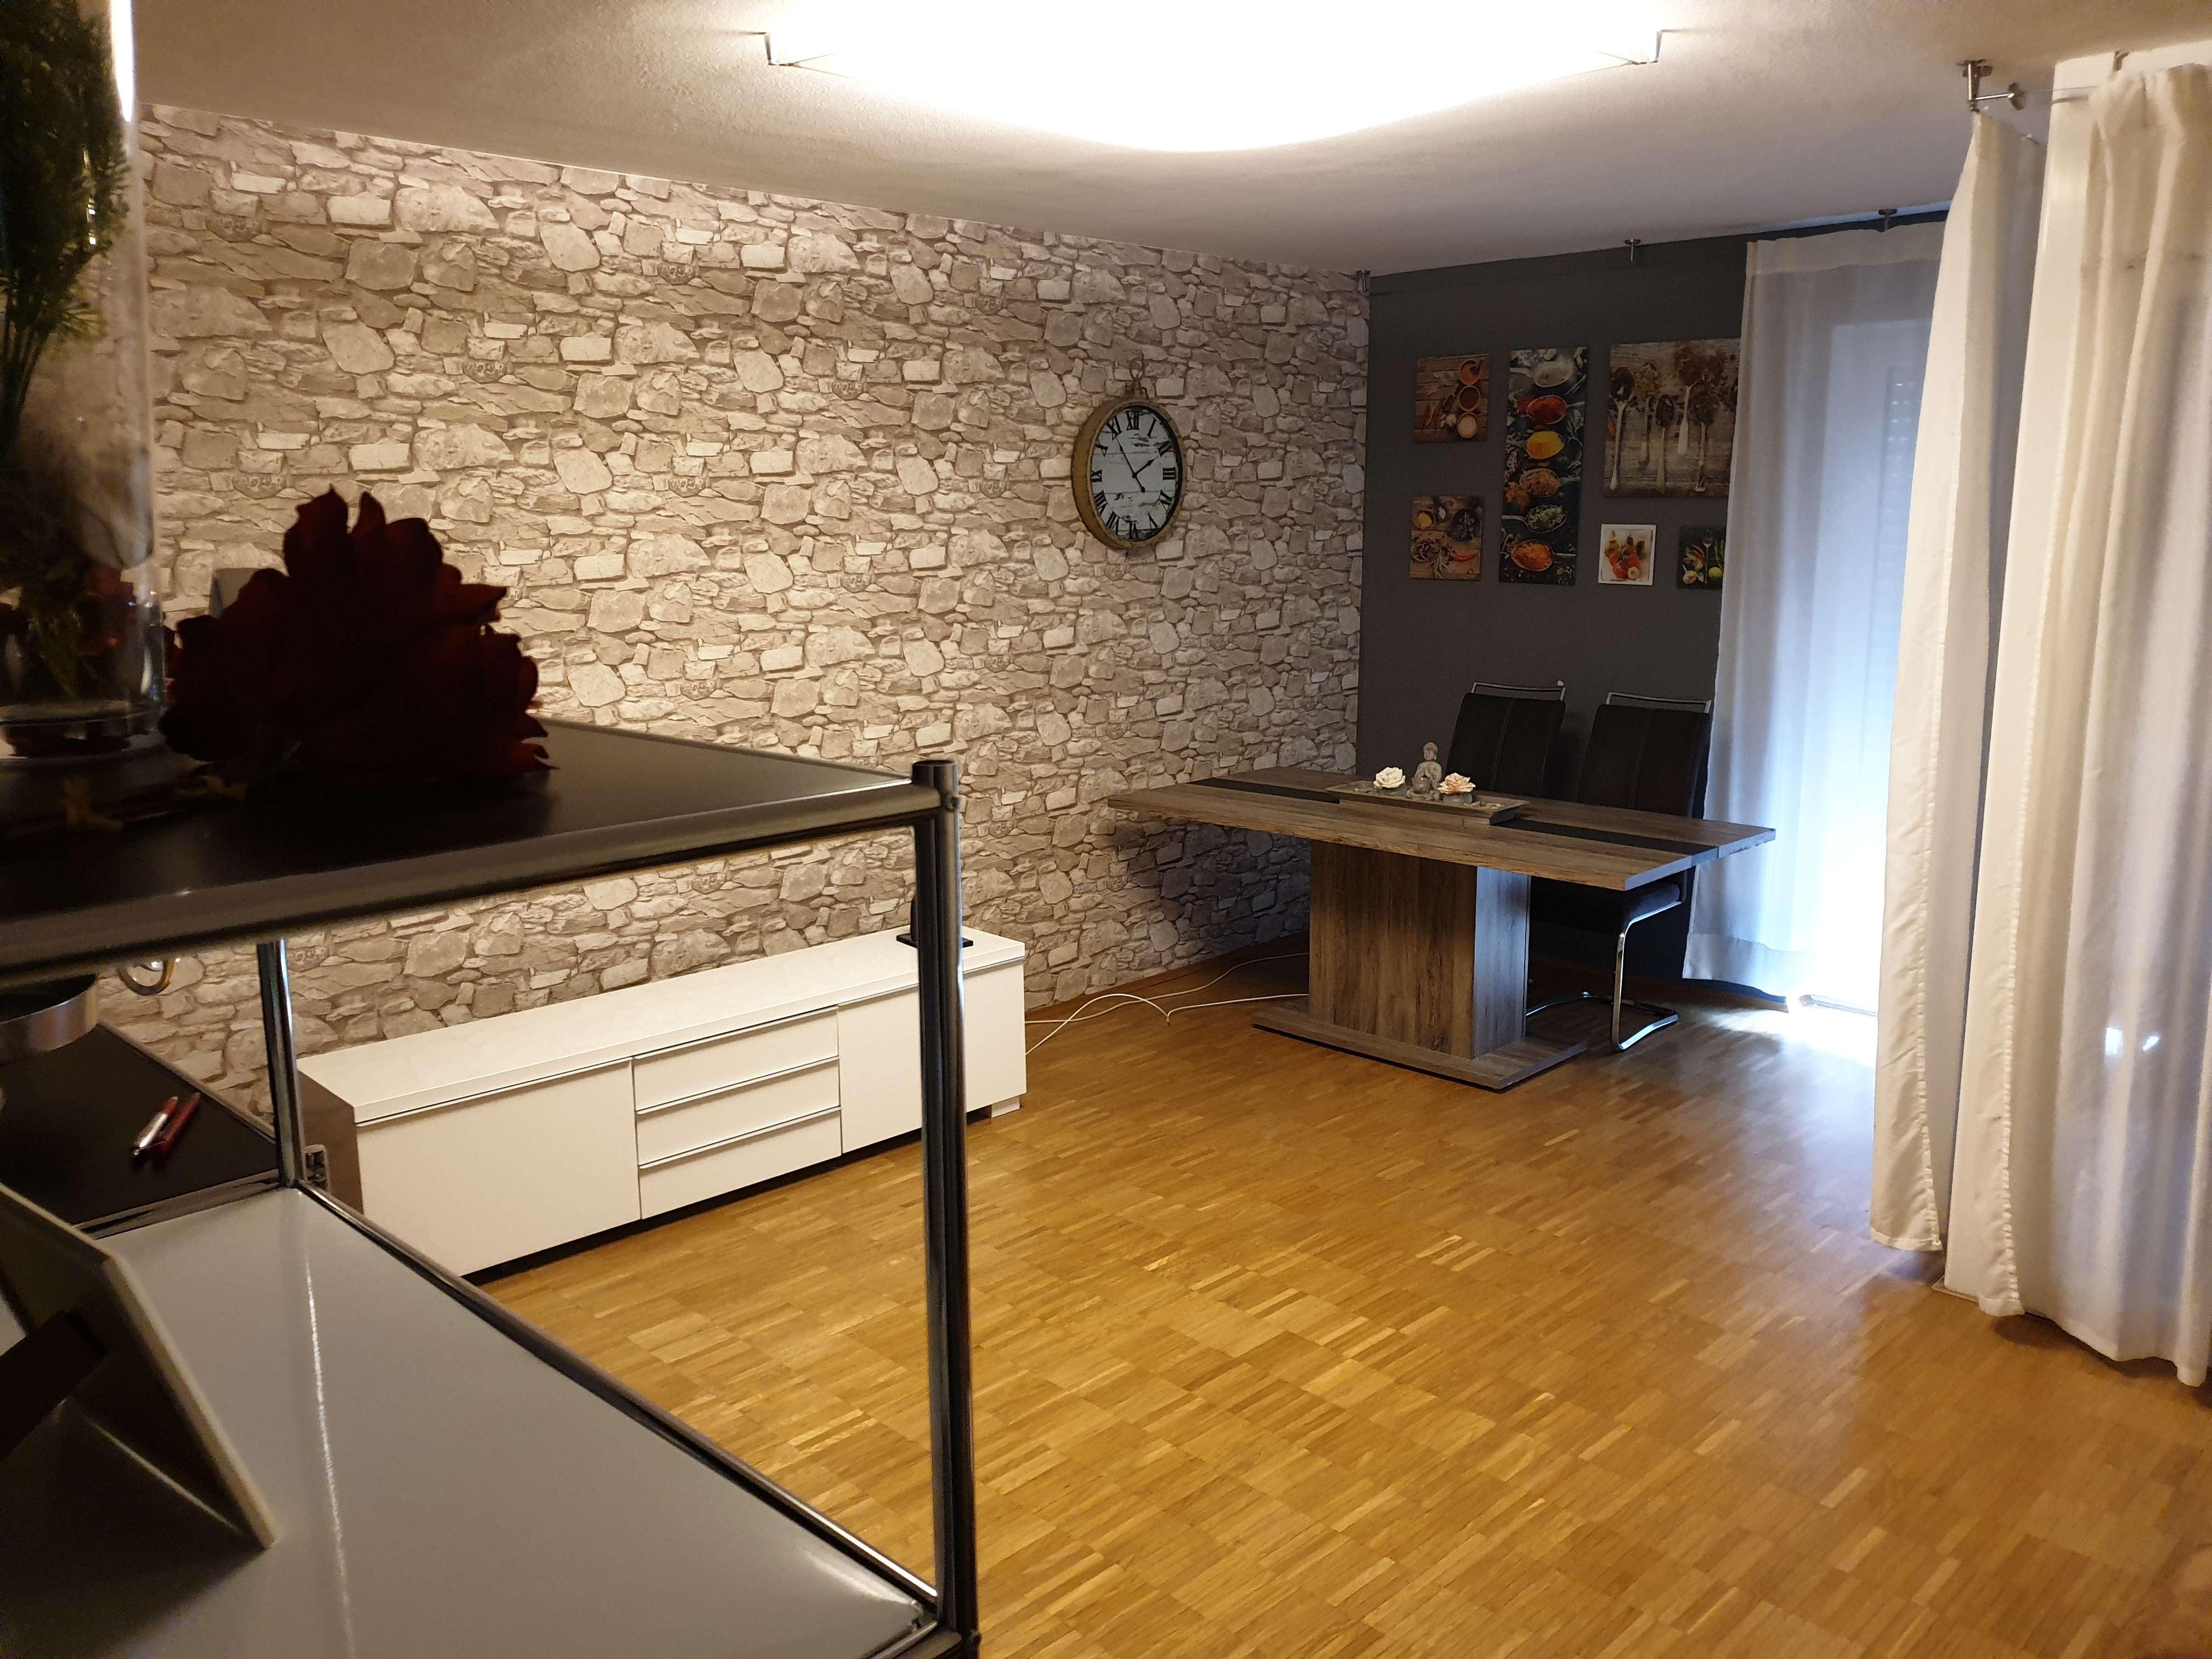 700.0 € - 68.0 m² - 2.0 Zi. in Südwest (Ingolstadt)